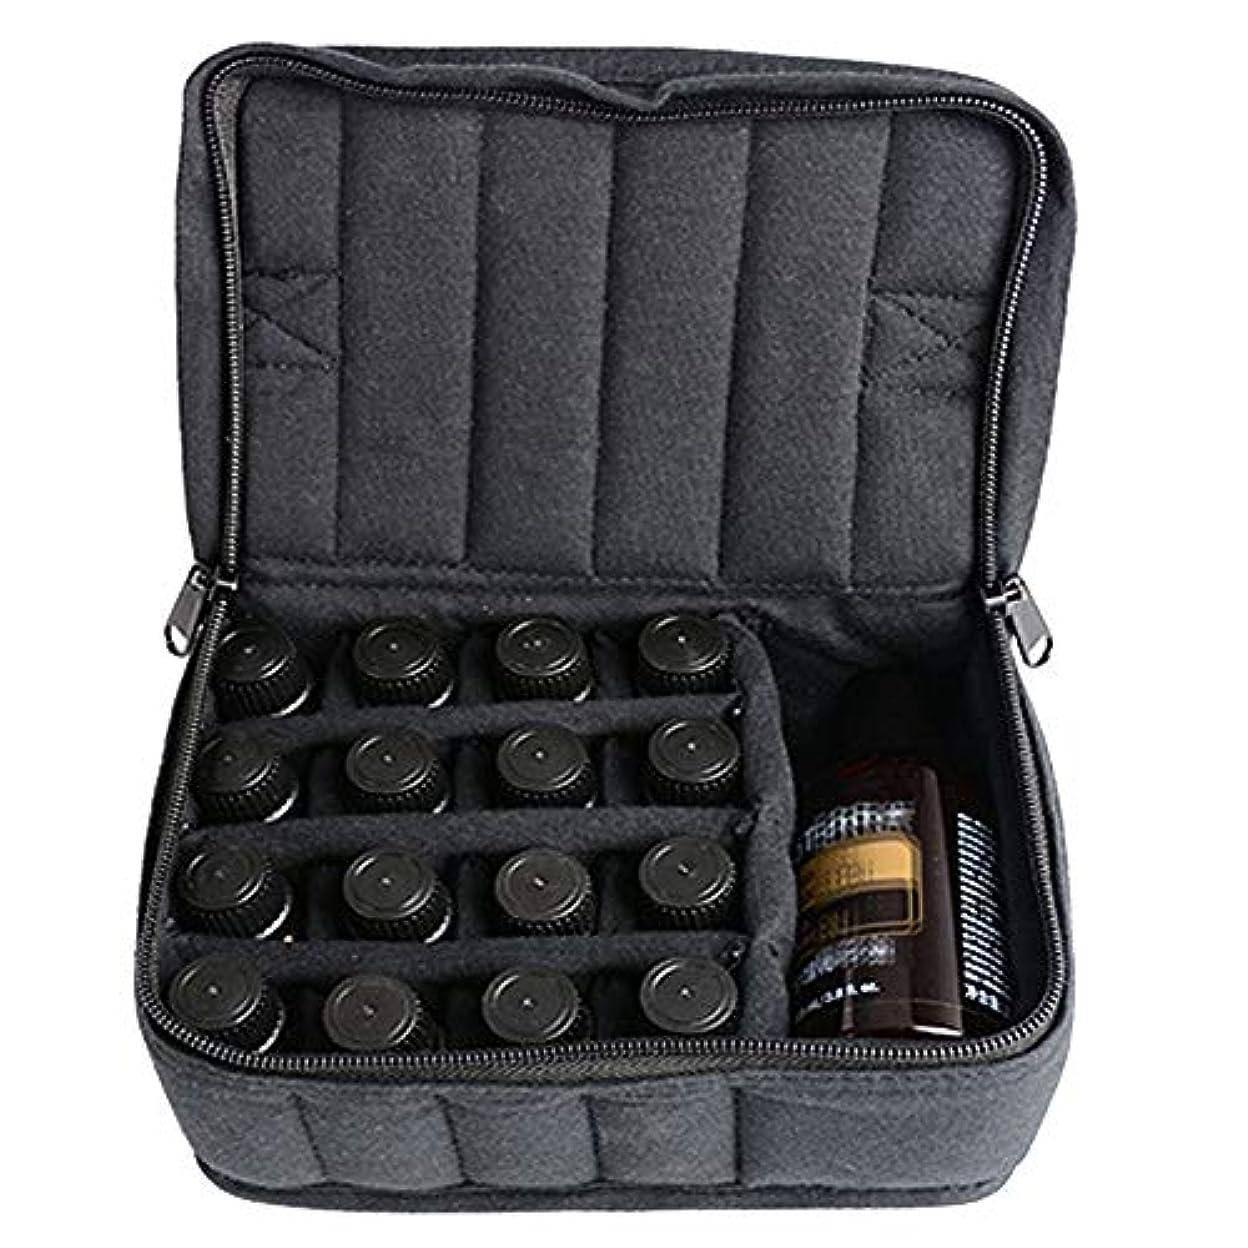 焦げノミネート設置エッセンシャルオイル収納ボックス ソフト走行ホルスター17オイル貯蔵ボトル用ボトル17 5ミリリットル/ 10ミリリットル元/ 15ミリリットル 丈夫で持ち運びが簡単 (色 : ブラック, サイズ : 17X14X7.5CM)